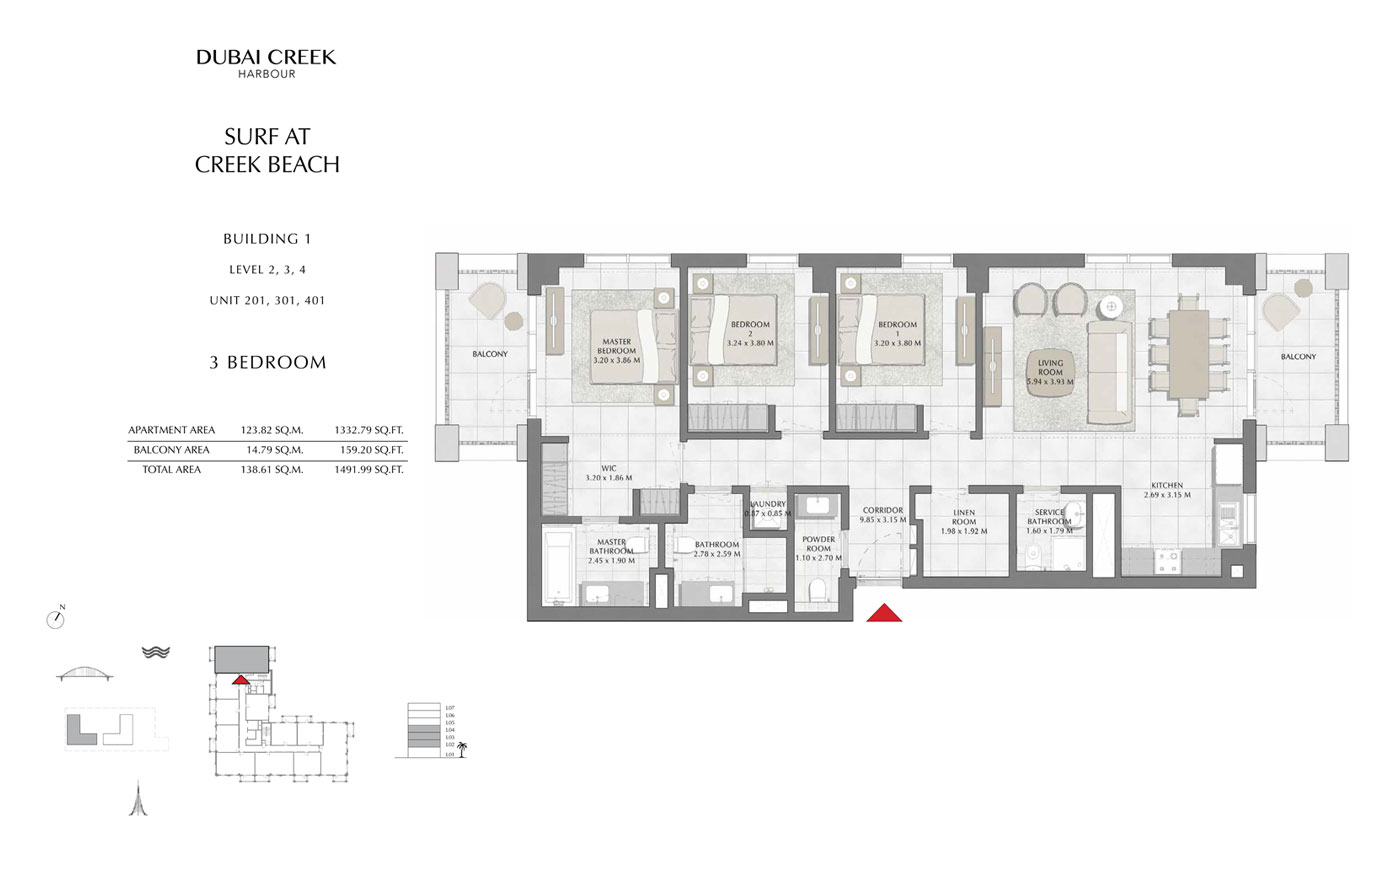 المبنى 1، 3 غرف نوم، المستوى 2-3-4، وحدة 201-301-401 ، حجم-1491.99 قدم مربع